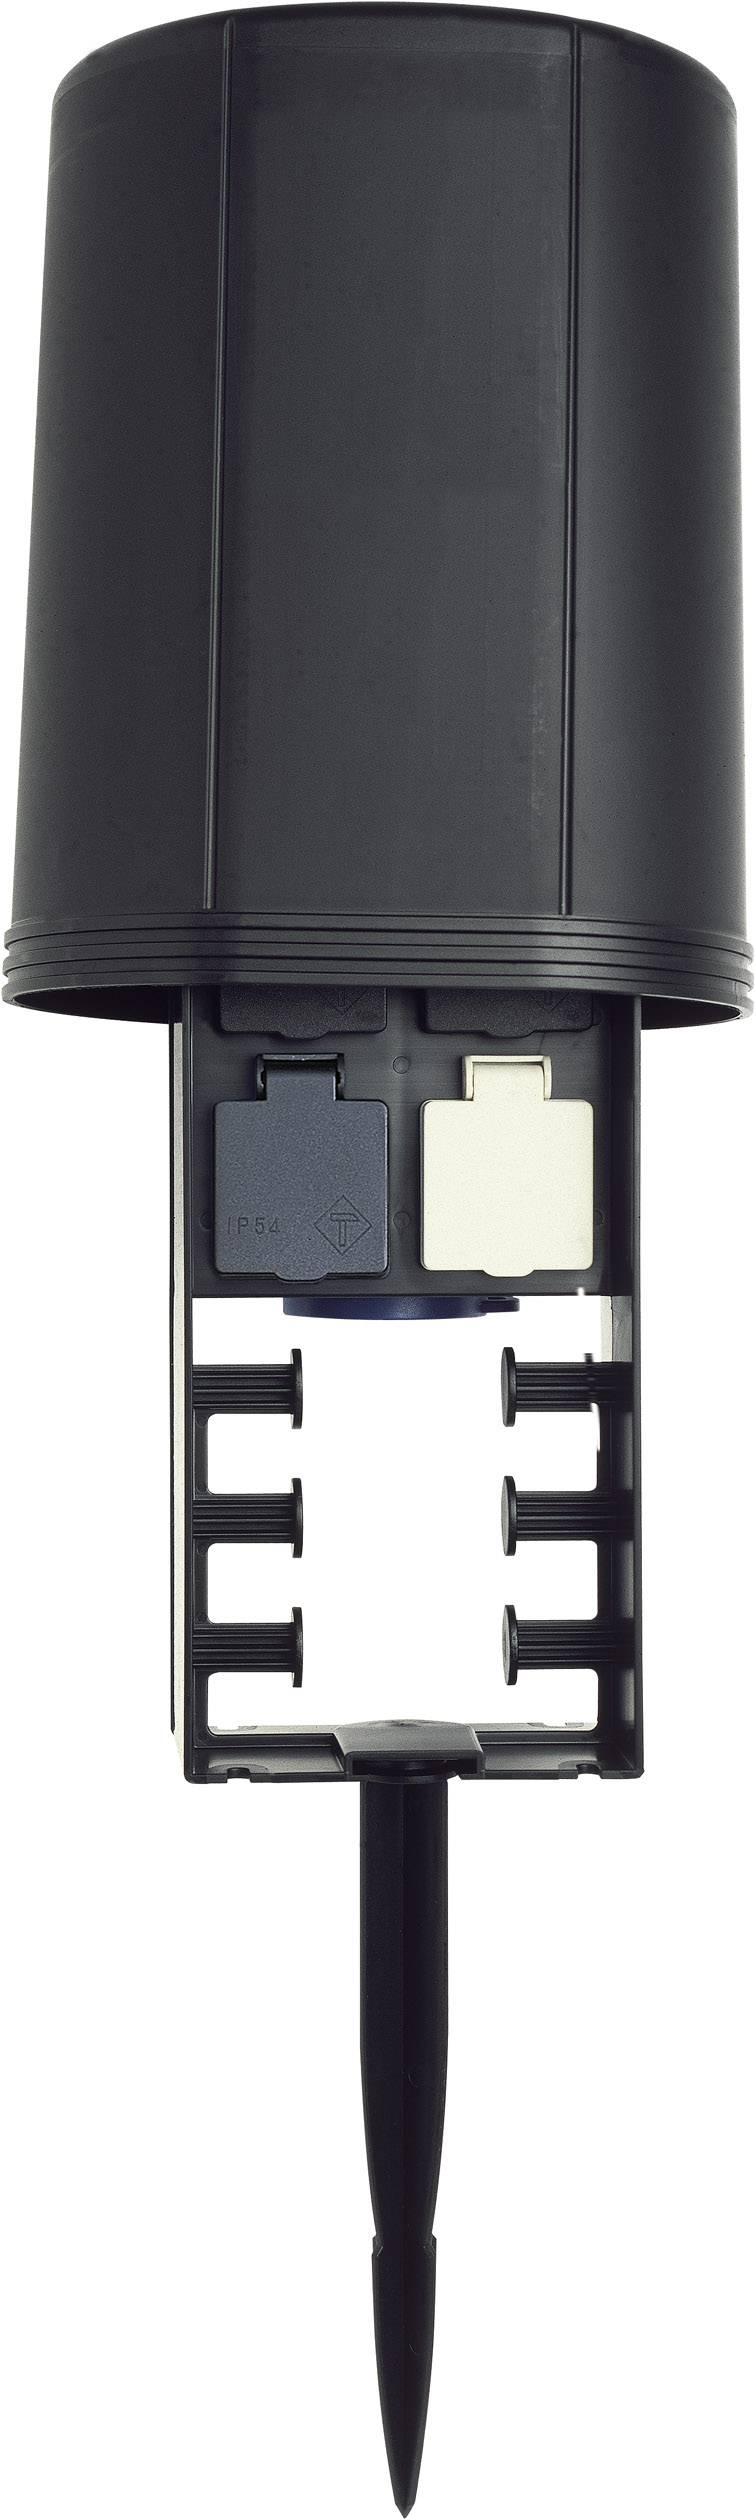 Záhradná zásuvka Oase op spies FM-Master 2 36310, čierna, 4-násobný